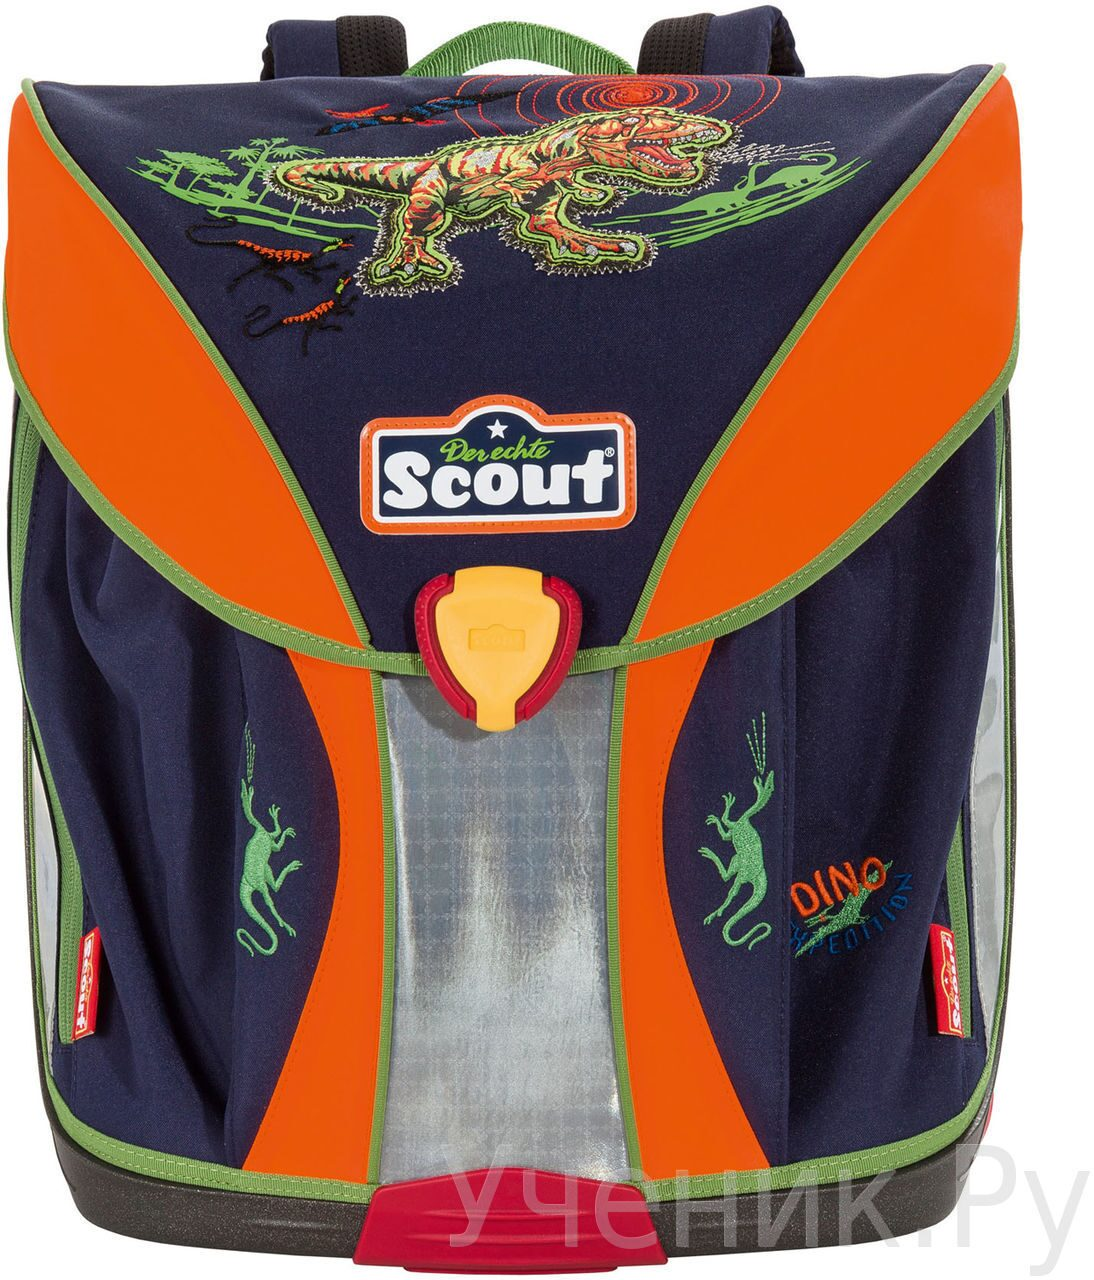 """Ранец школьный Scout модель """"Nano"""" DINO EXPEDITION с наполнением Scout (Германия) 715004-637"""